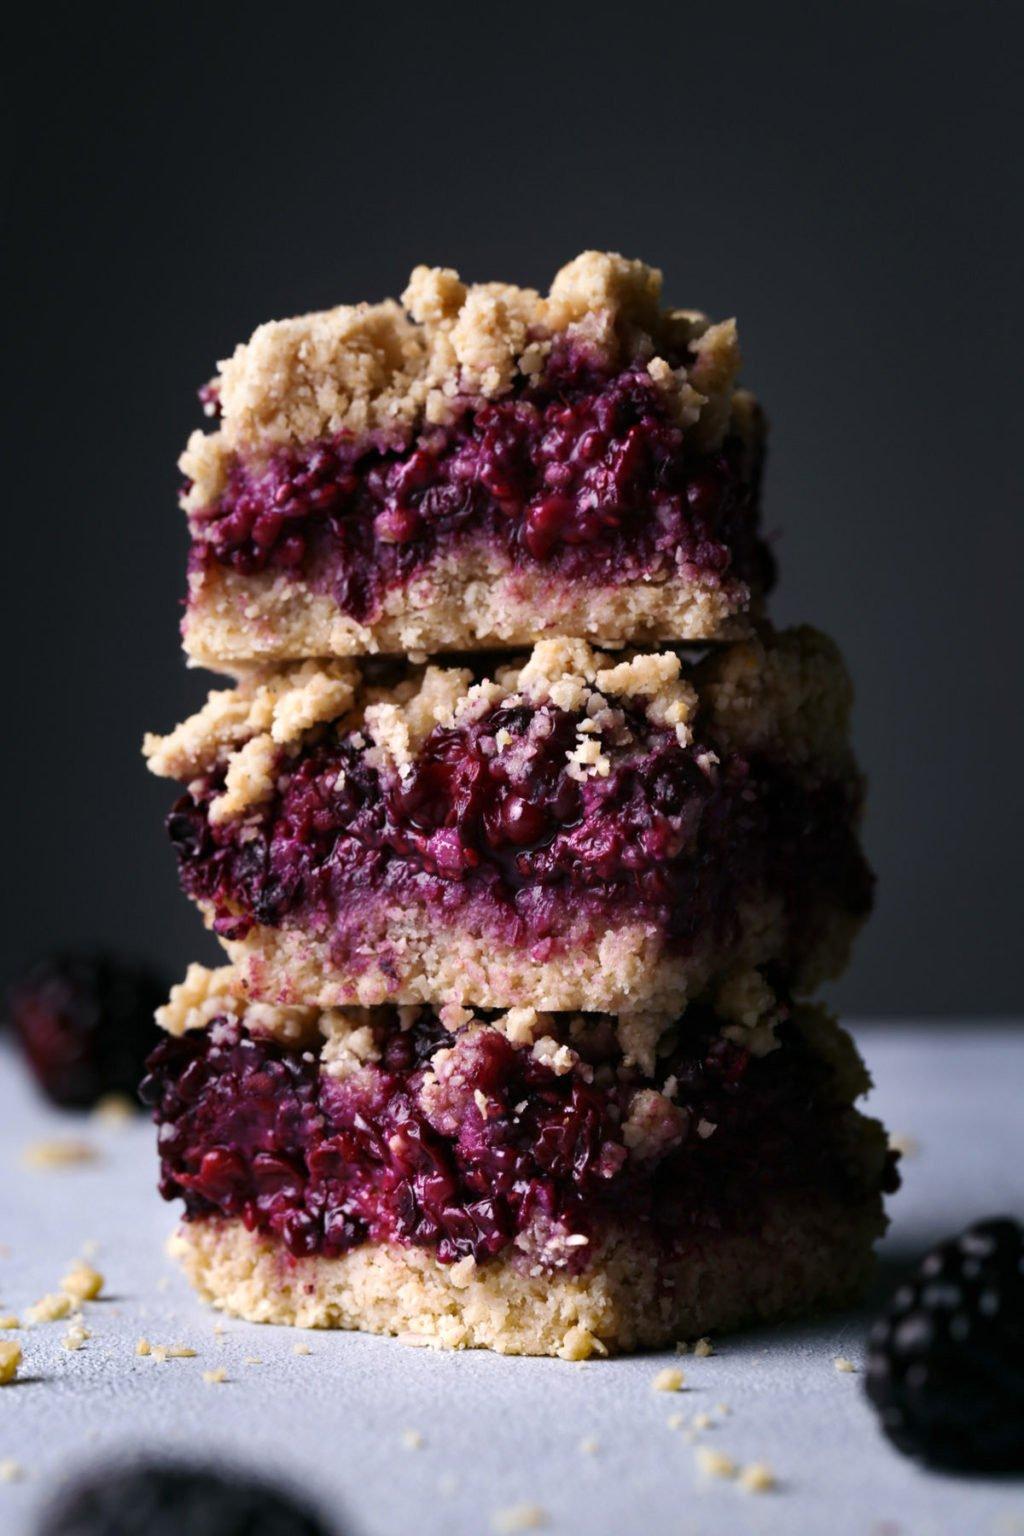 blackberry-oat-bars-stacked-2-1024x1536